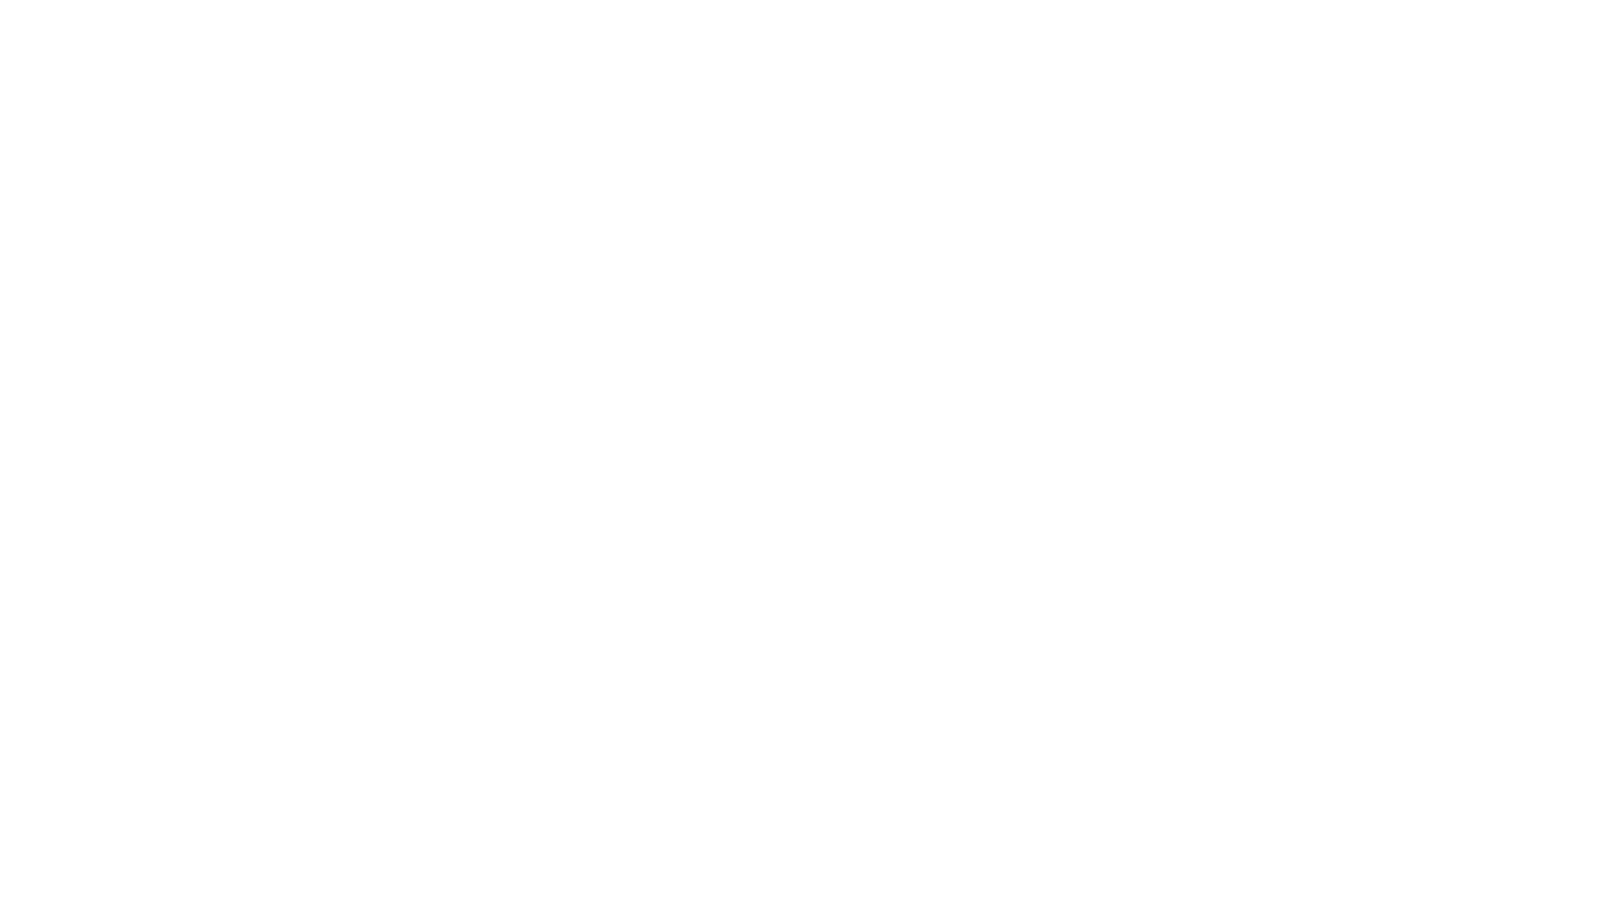 Rozhovor s dlouholetou pedagožkou Gymnázia Příbram Věrou Prunerovou. Moderuje Magdaléna Studená. Nezkrácená verze rozhovoru  © 2021 GymTV, školní televize Gymnázia Příbram, Legionářů www.gymtv.pb.cz